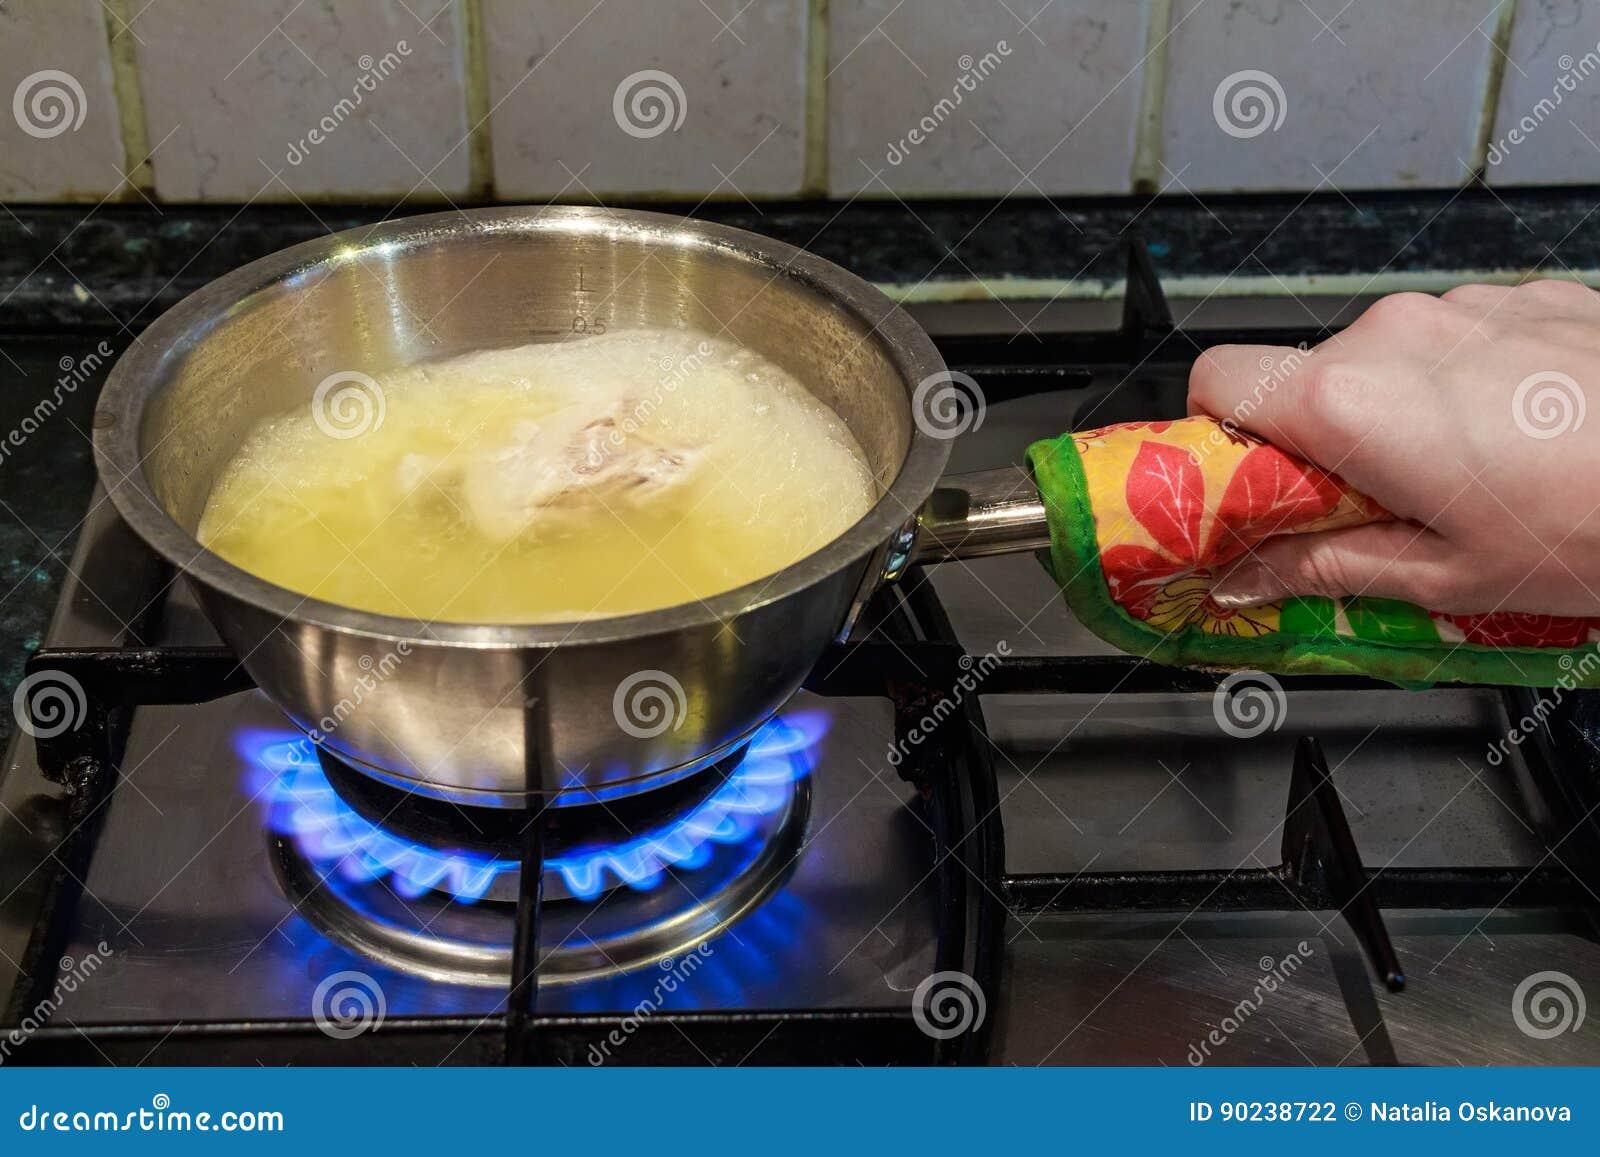 Kochen Der Huhnerbruhe Auf Gasherd Stockfoto Bild Von Kochen Koch